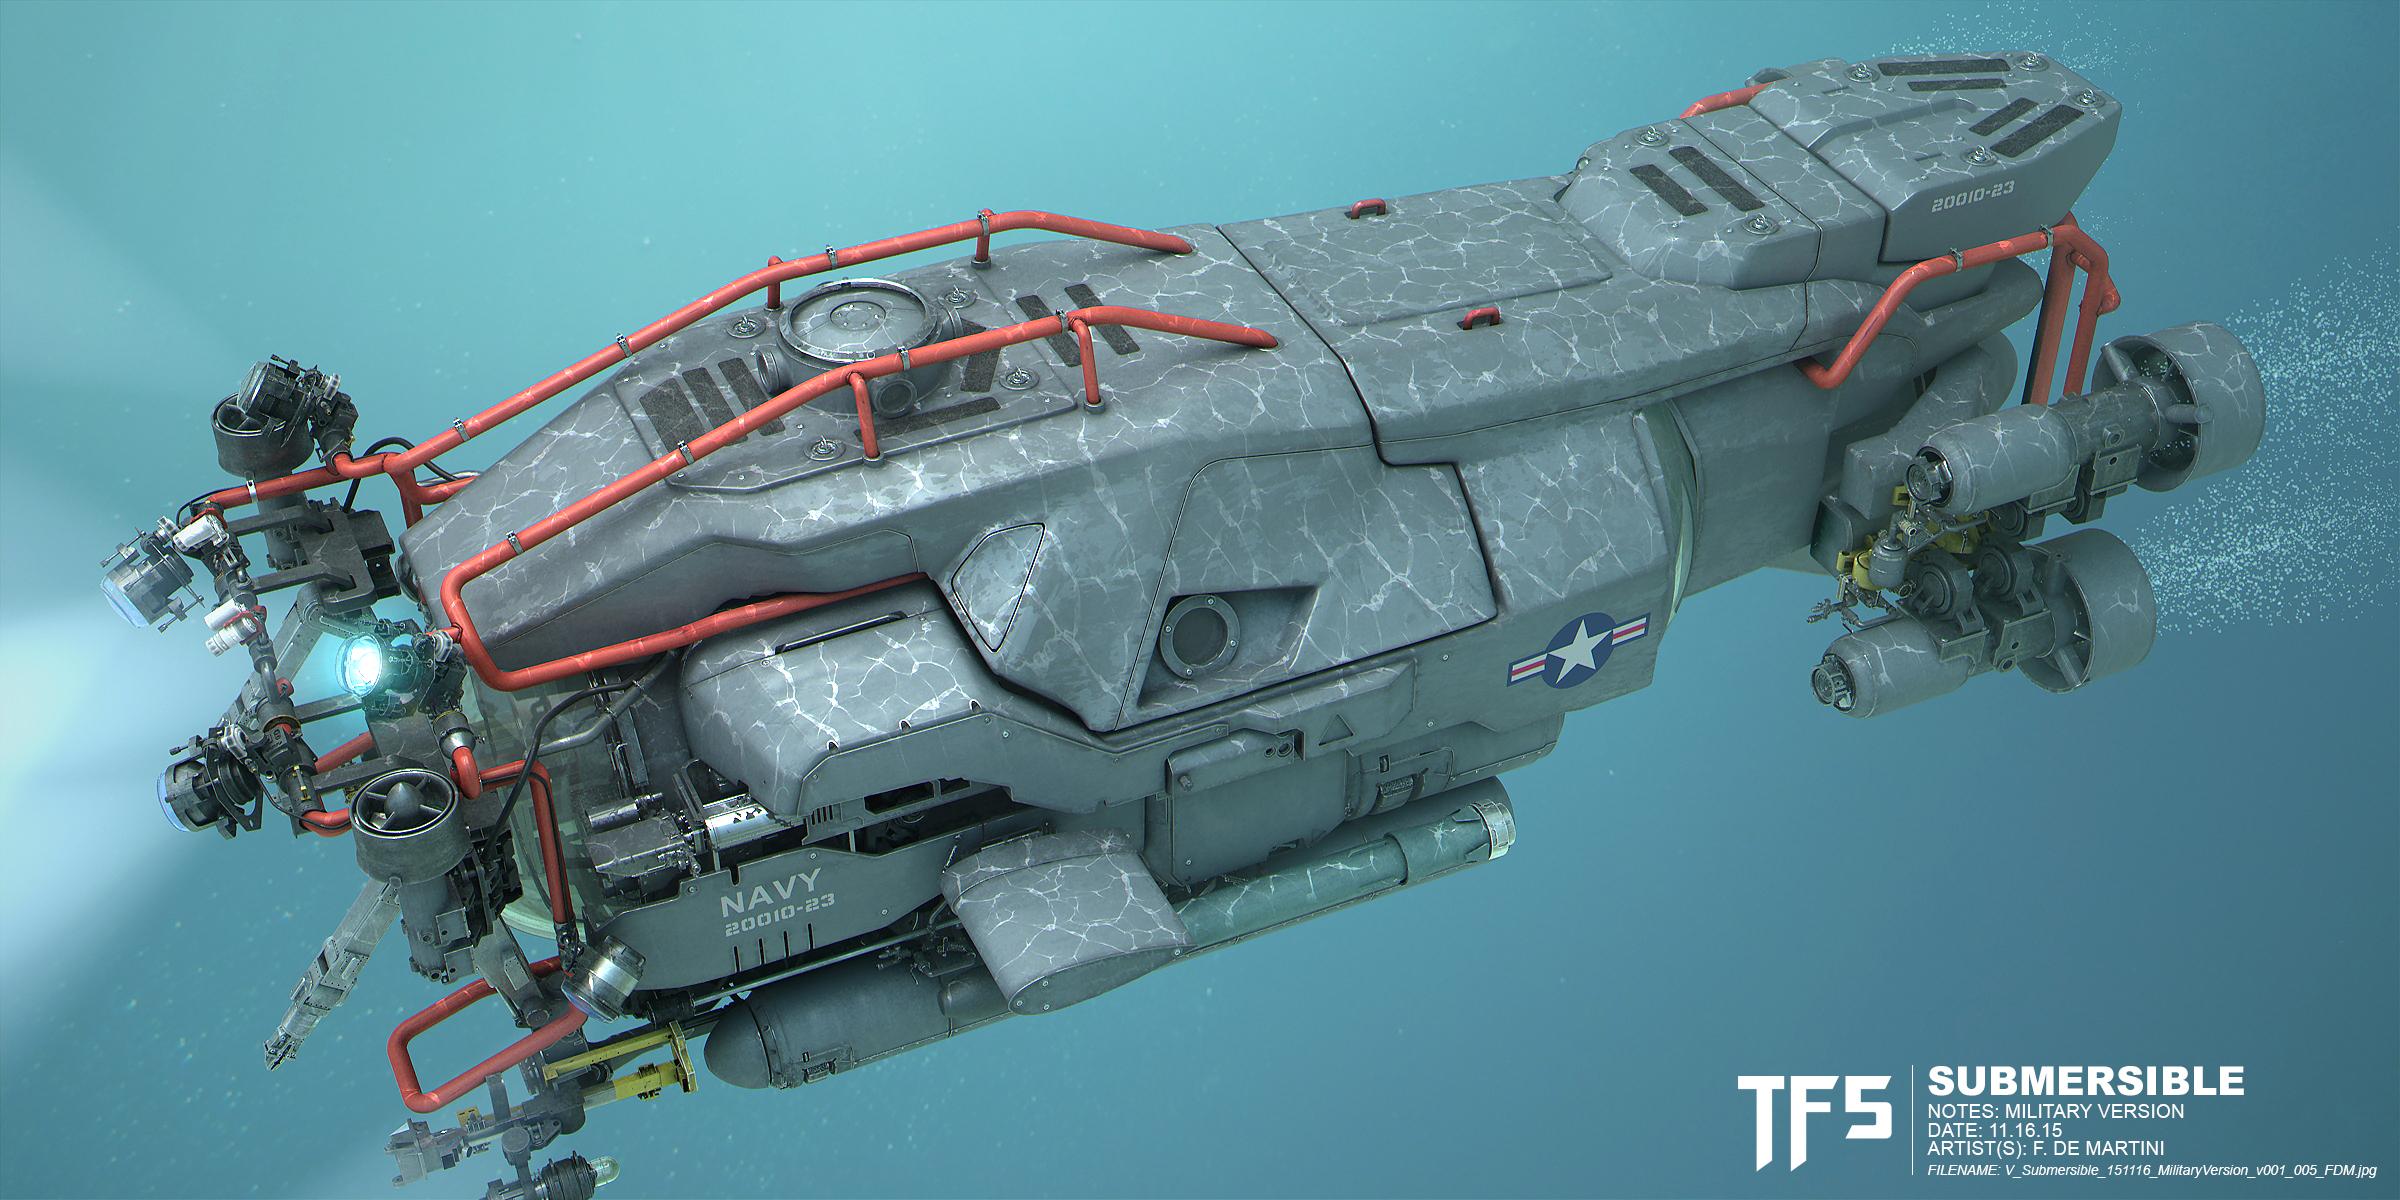 V_Submersible_151116_MilitaryVersion_v001_005_FDM.jpg